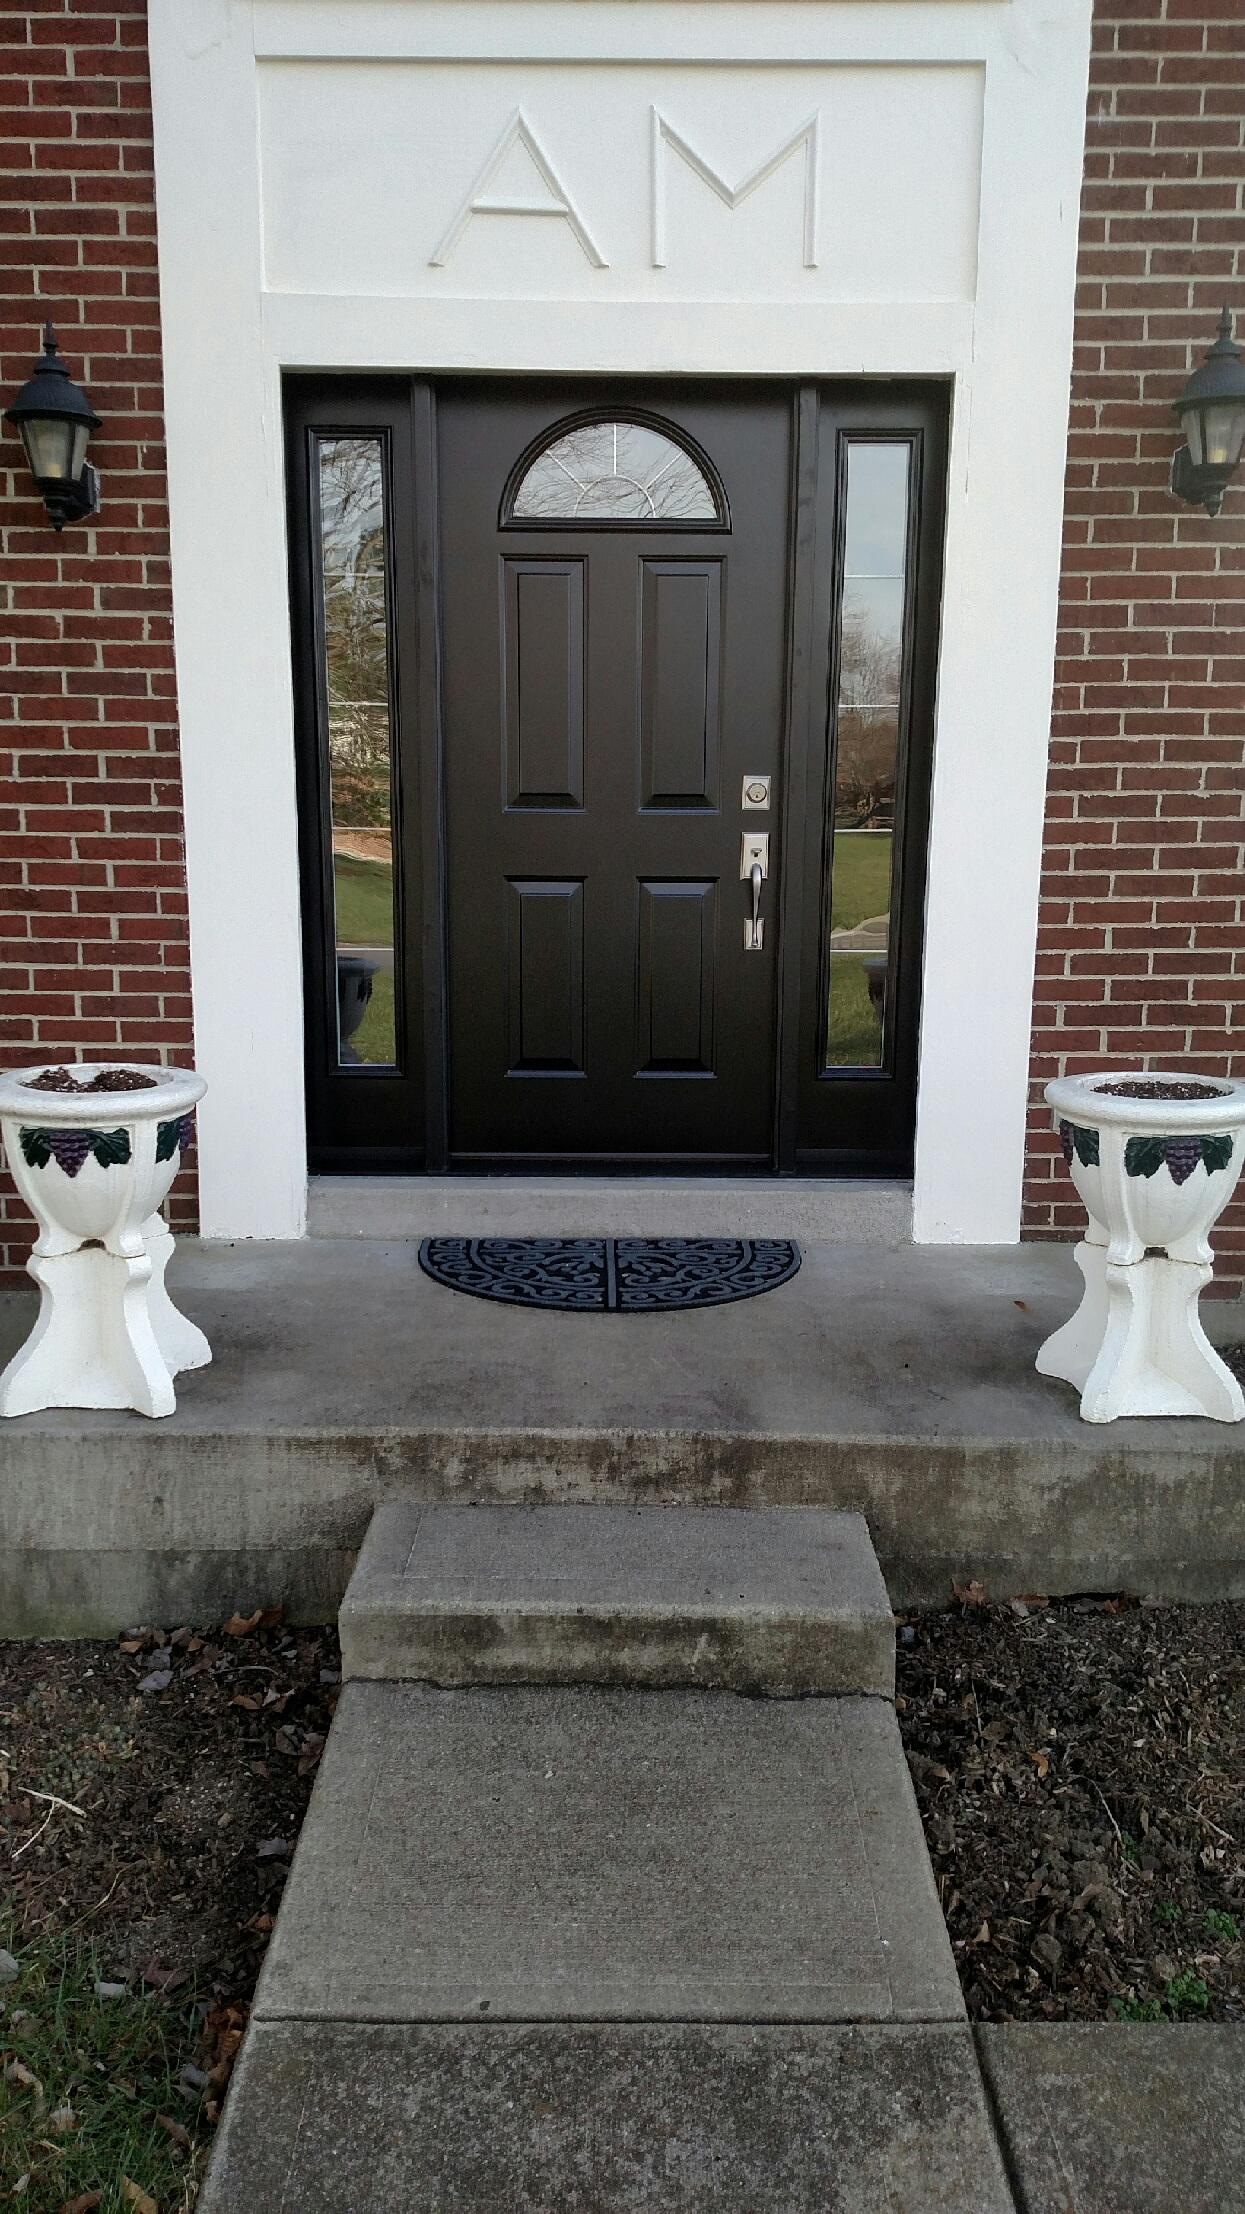 Hereu0027s JFK Window And Dooru0027s Door For Front Door Friday: A Provia Legacy  Smooth Steel Entry Door With Sidelights. JFK Window And Door Did This Door  ...